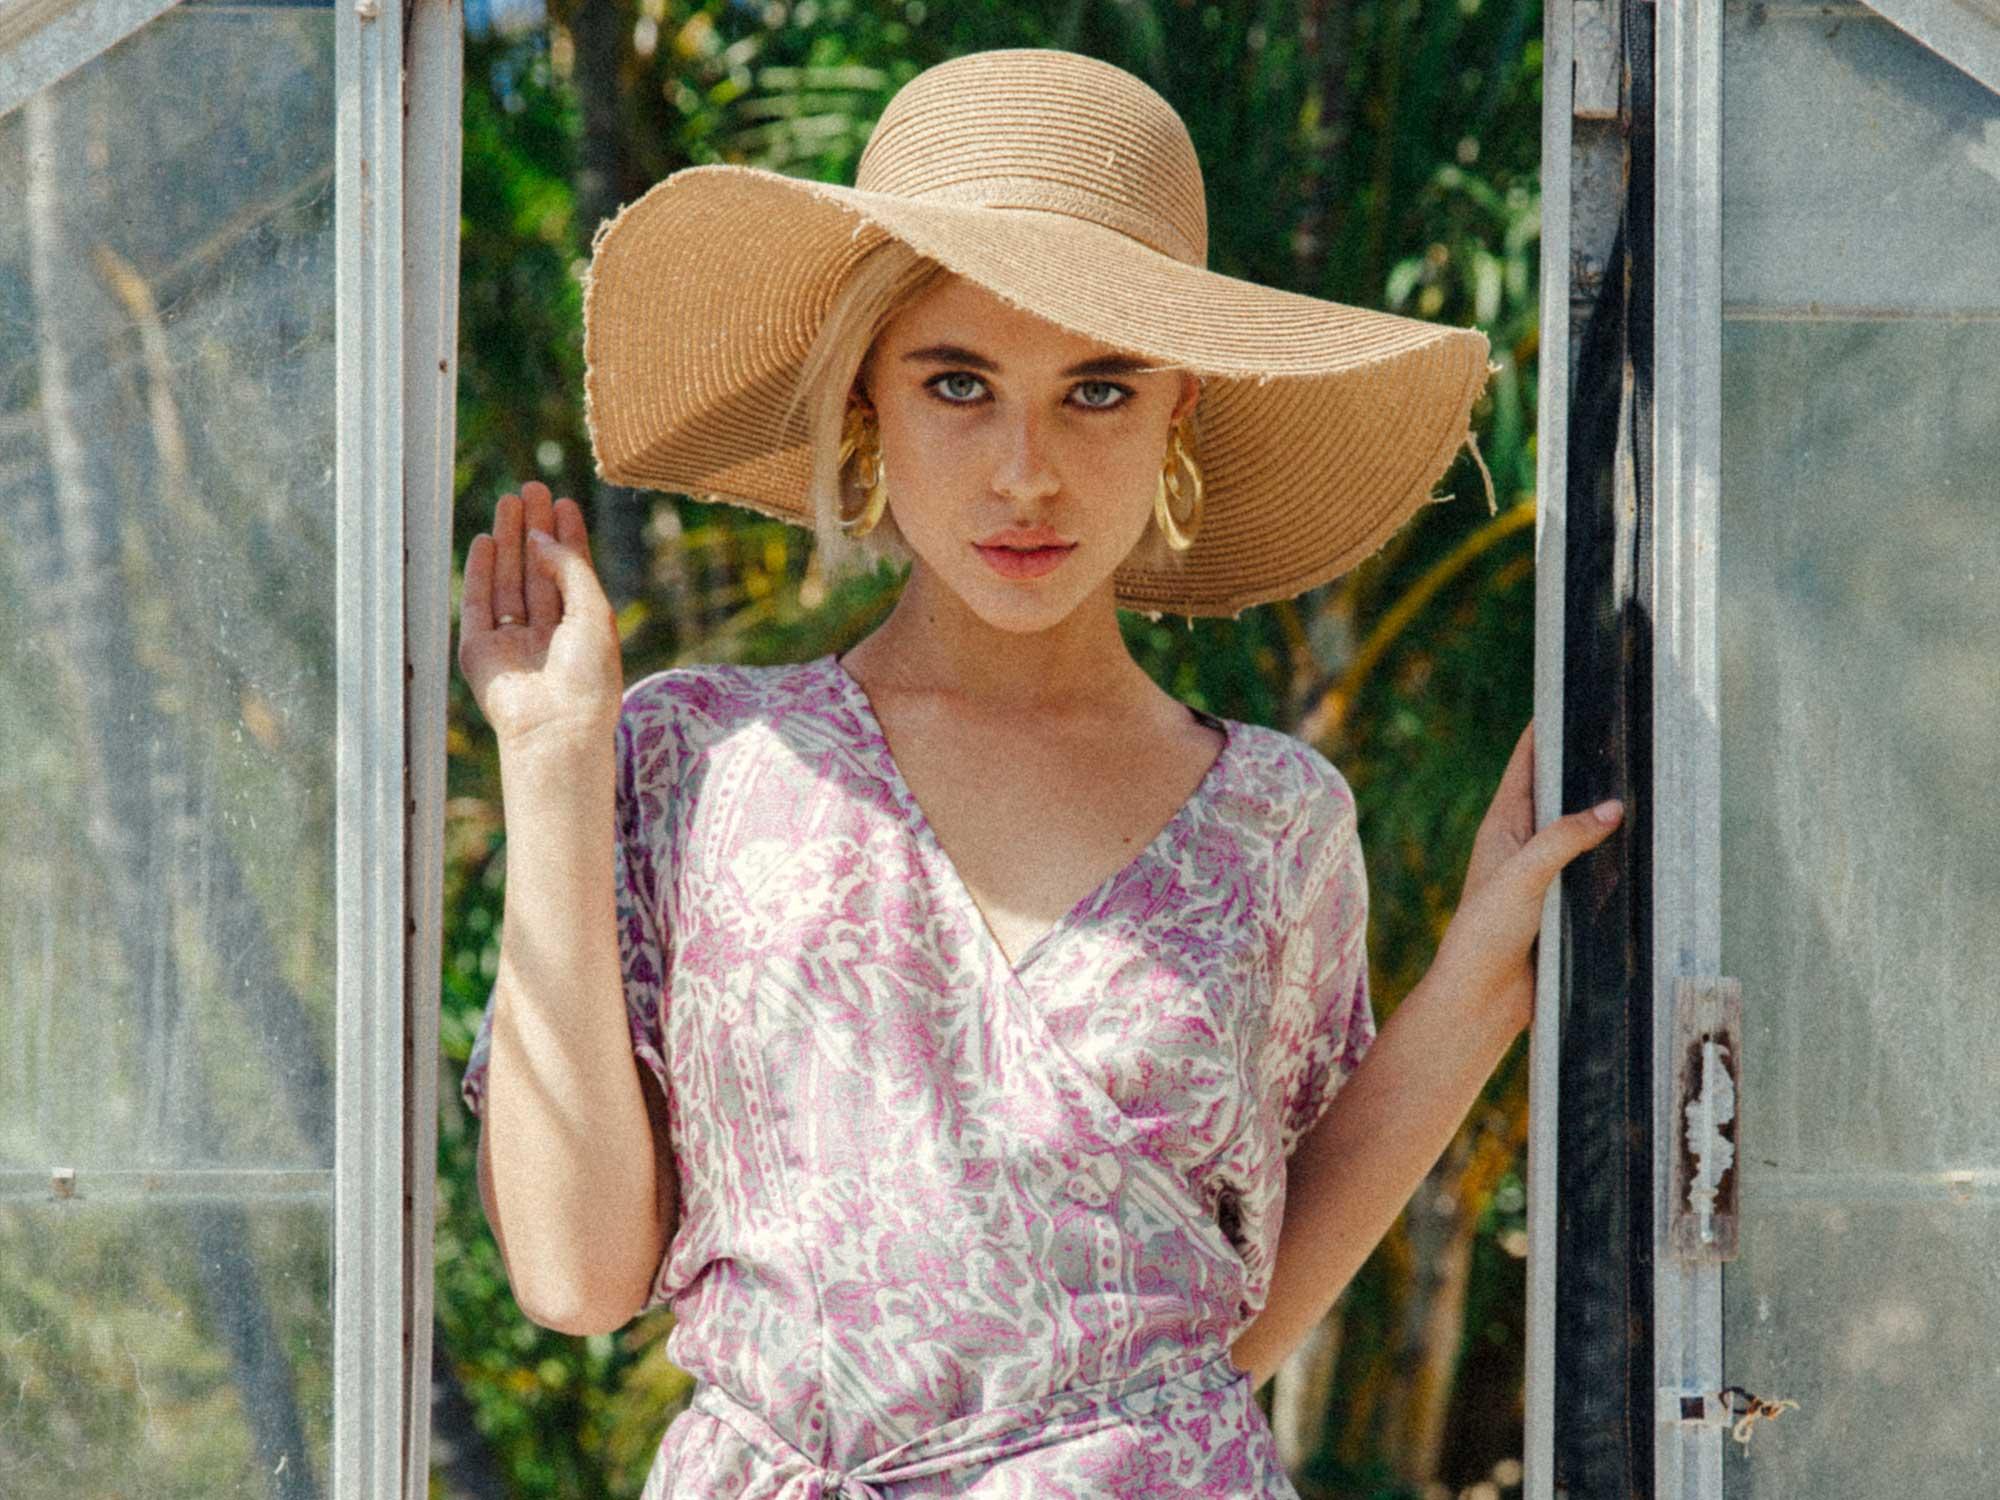 Nusa-Indah-Clothing-Amythyst-Silk-Dress-L008.jpg